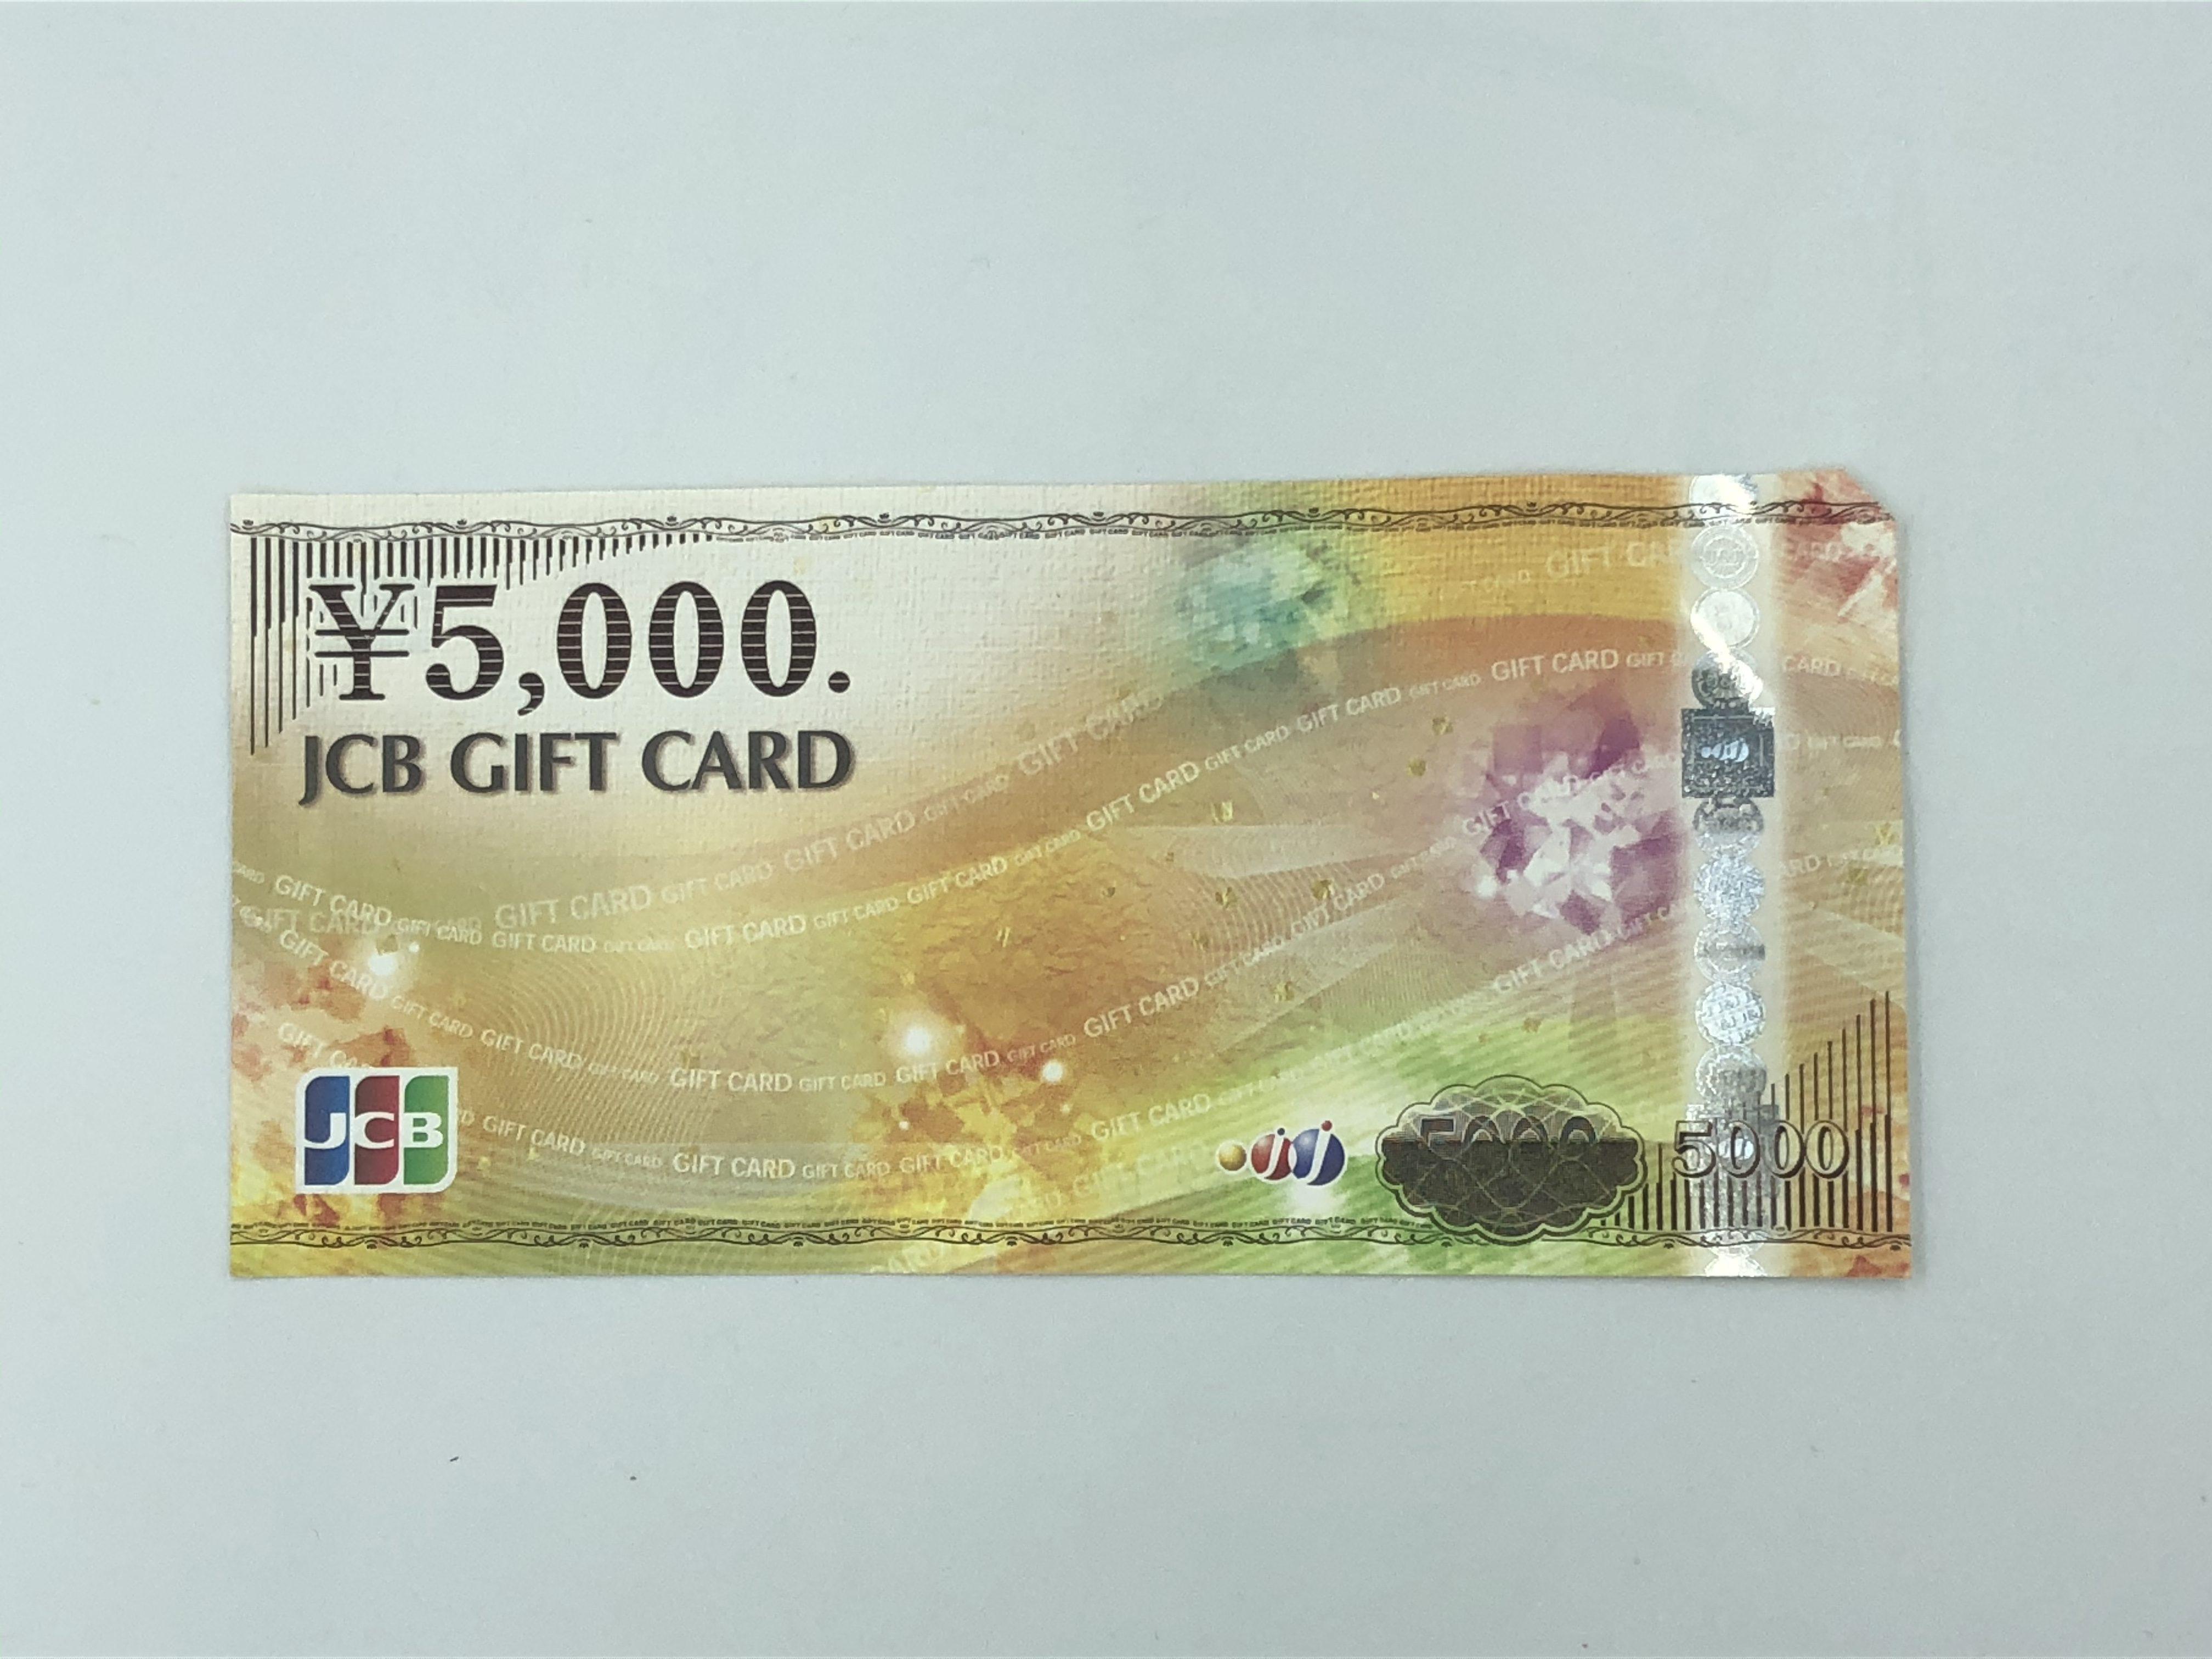 JCB ギフトカード 5000円券 買取 ルイドール 代々木上原